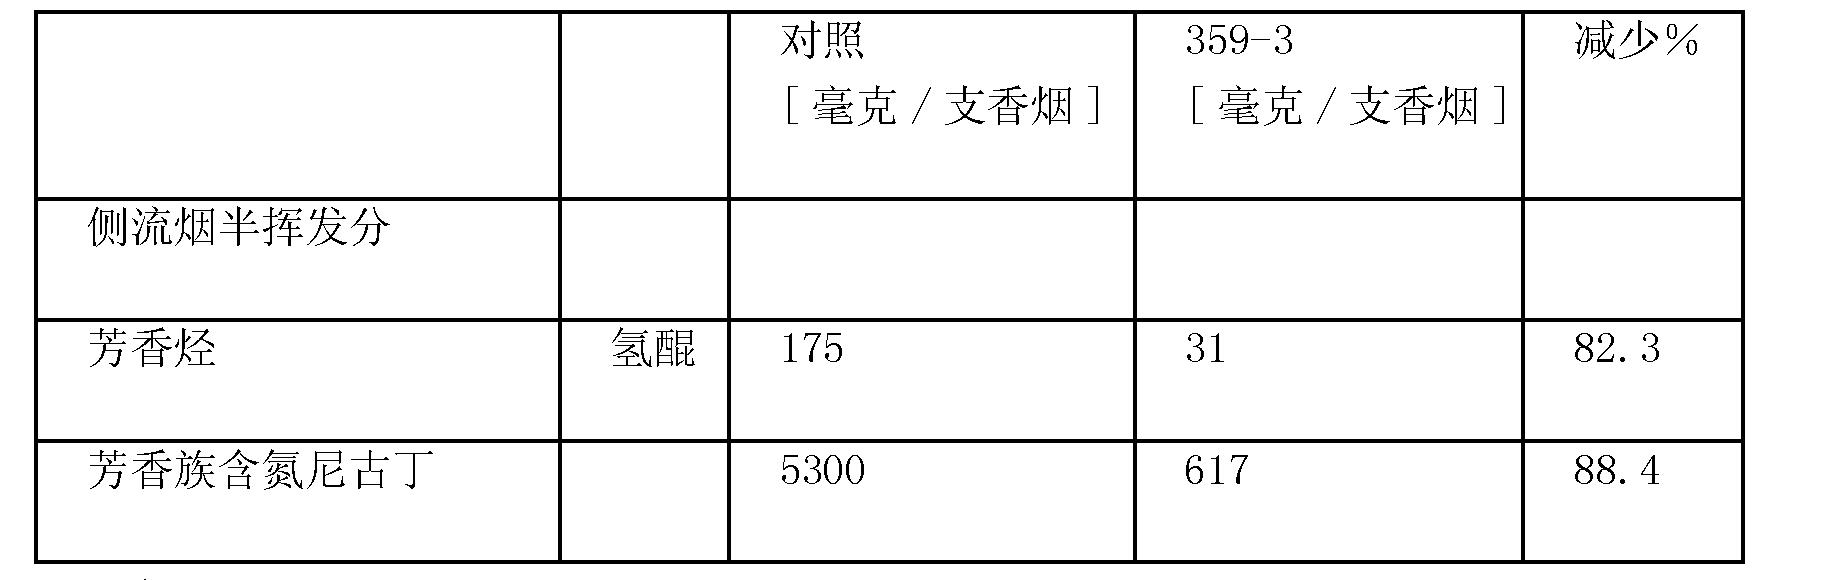 Figure CN101381972BD00133